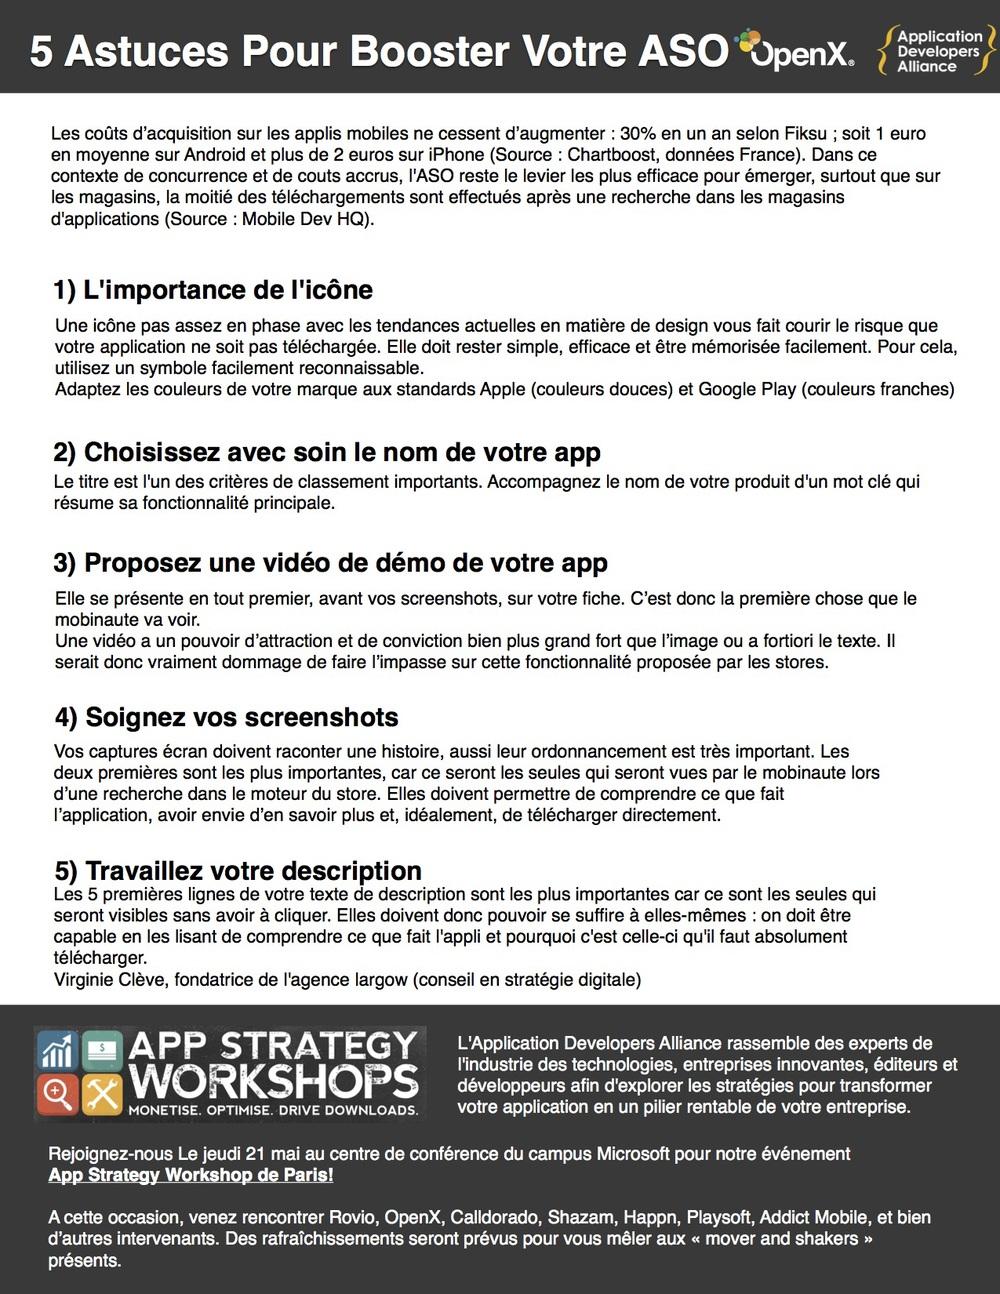 5 Astuces Pour Booster Votre ASO